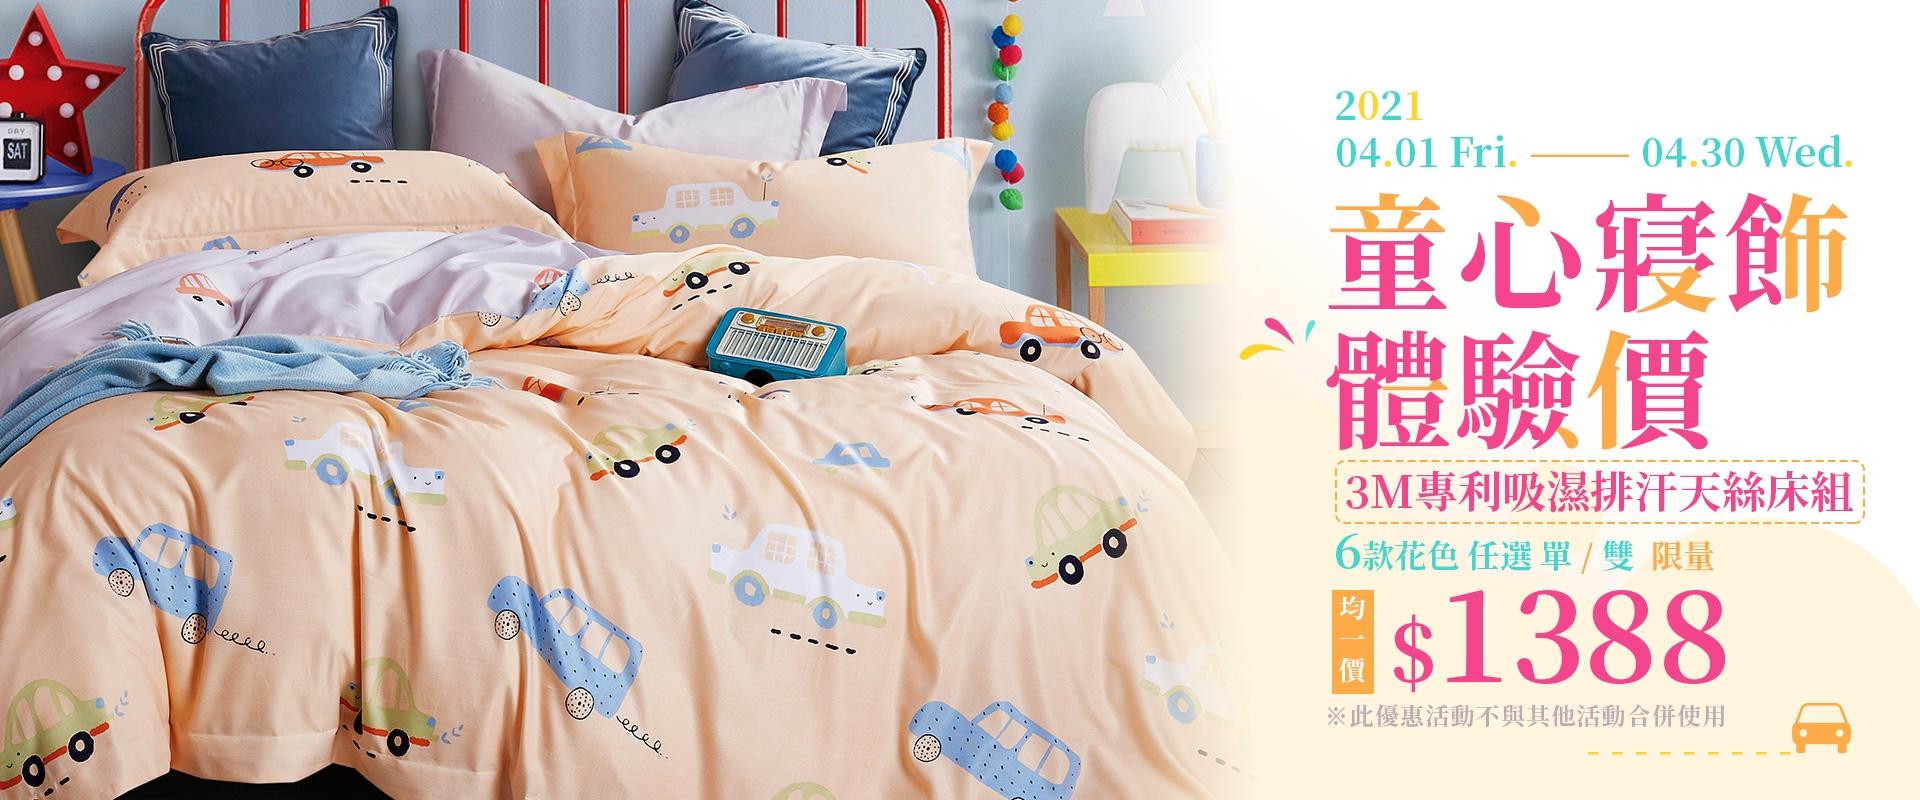 童心寢飾-體驗價$1388|3M專利天絲吸濕排汗天絲床組